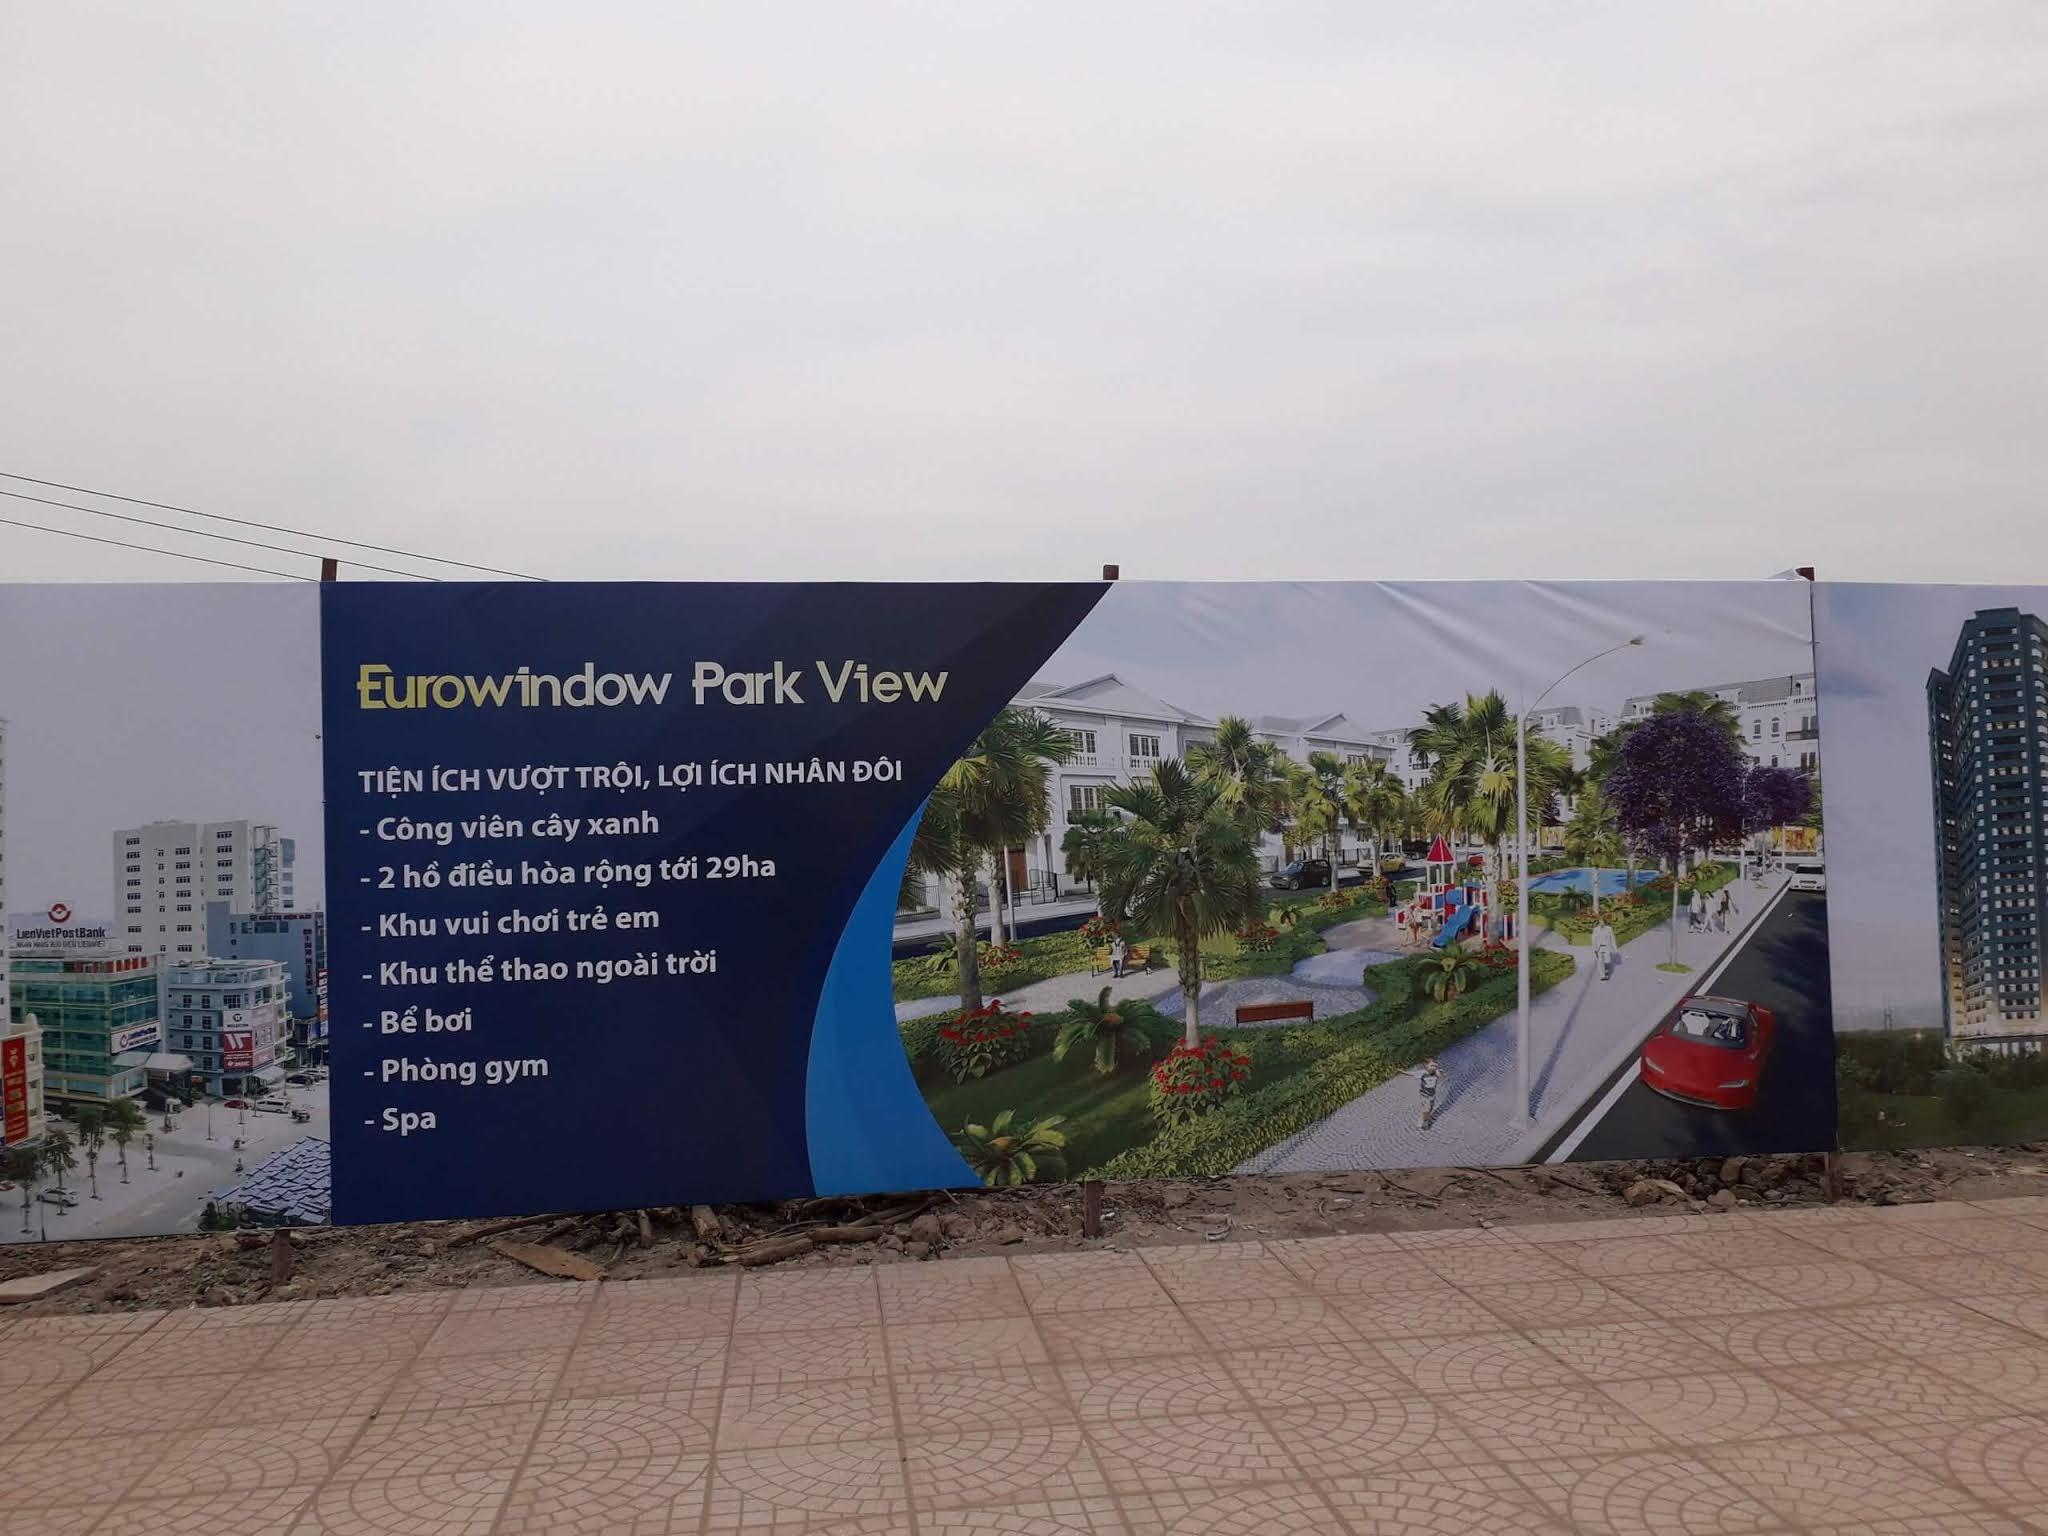 Eurowindow Park View thu hút khách hàng vì nhiều yếu tố.